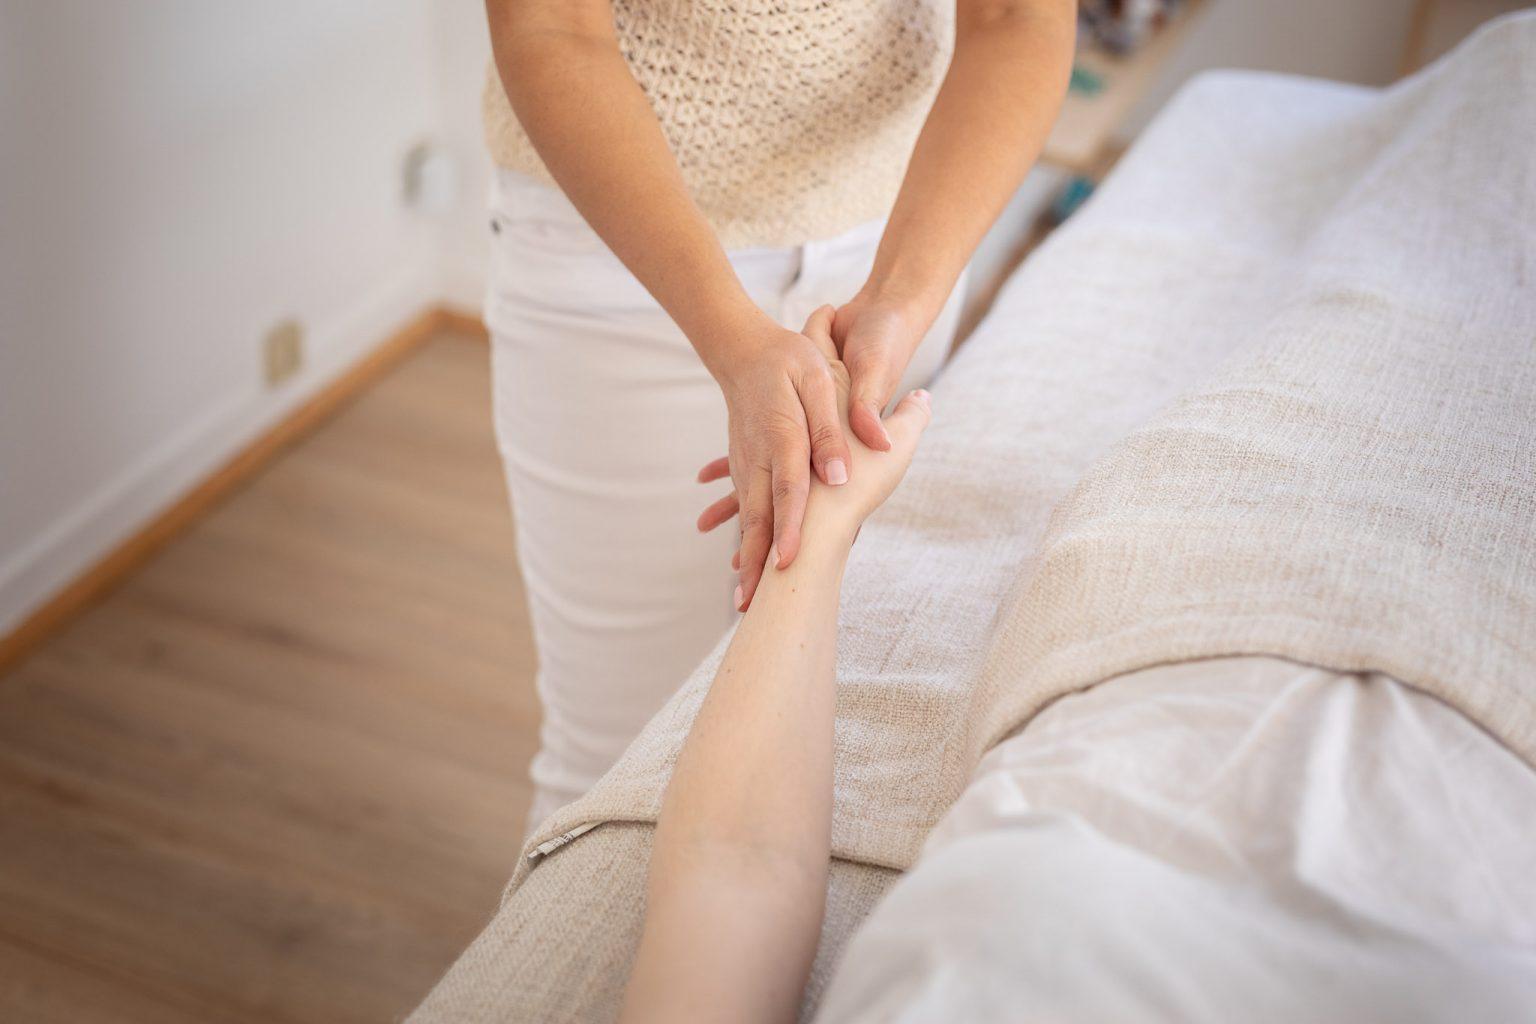 photographe corporate portrait massage paris